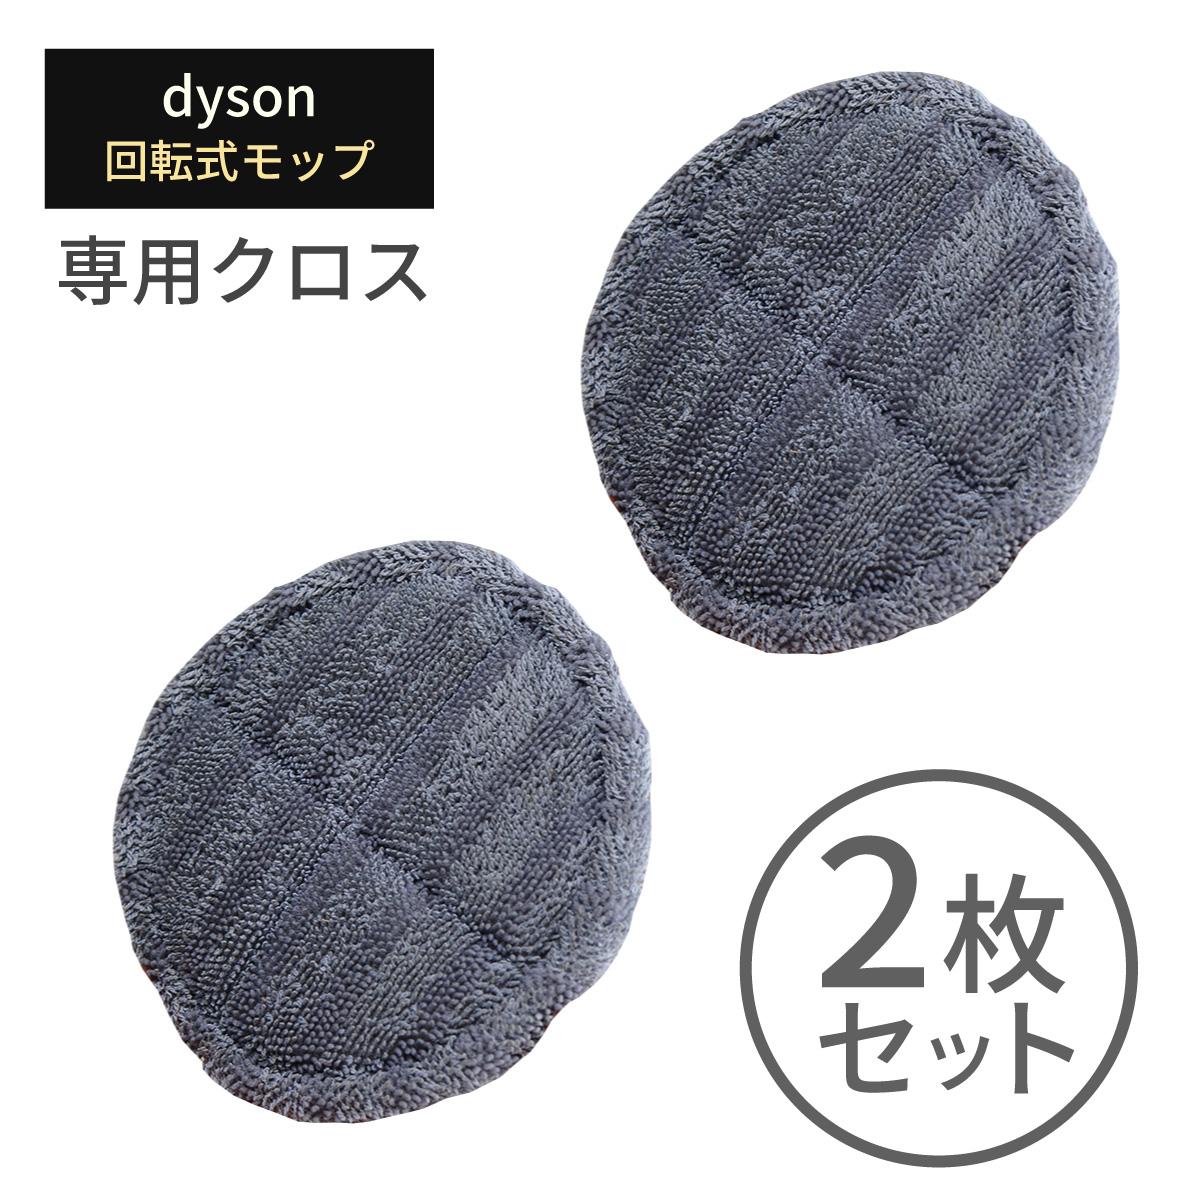 ダイソン モップ dyson モップツール 電動回転式モップ 高品質 モップパーツ専用クロス 2枚組アクセサリー 水拭き 専門店 床掃除 拭き掃除 フローリング ツール 床拭き